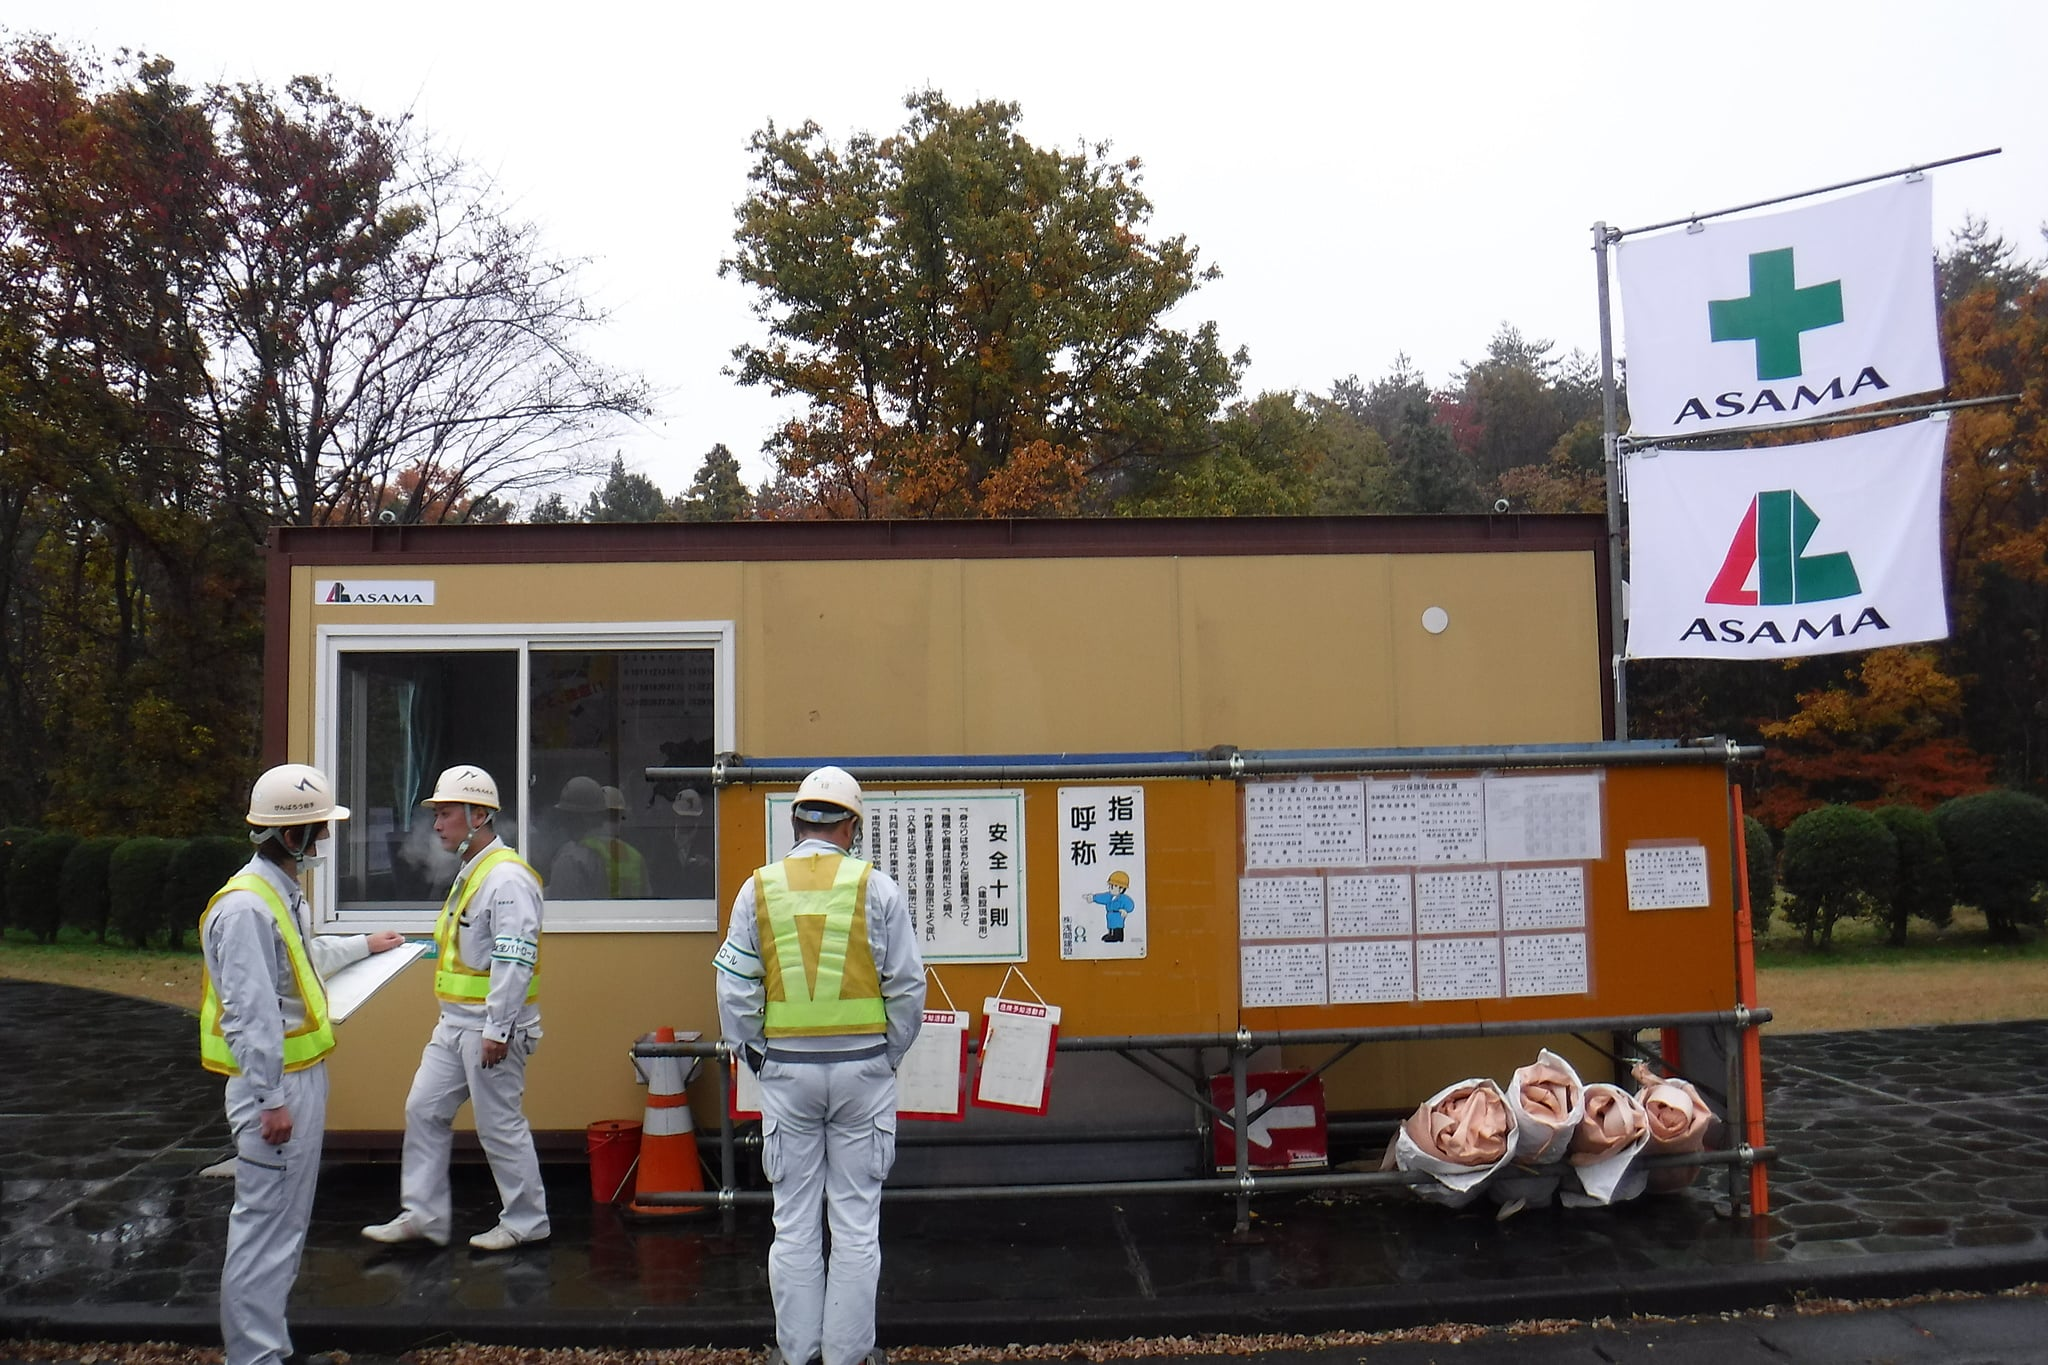 花巻広域公園トイレ改修工事 現場事務所確認